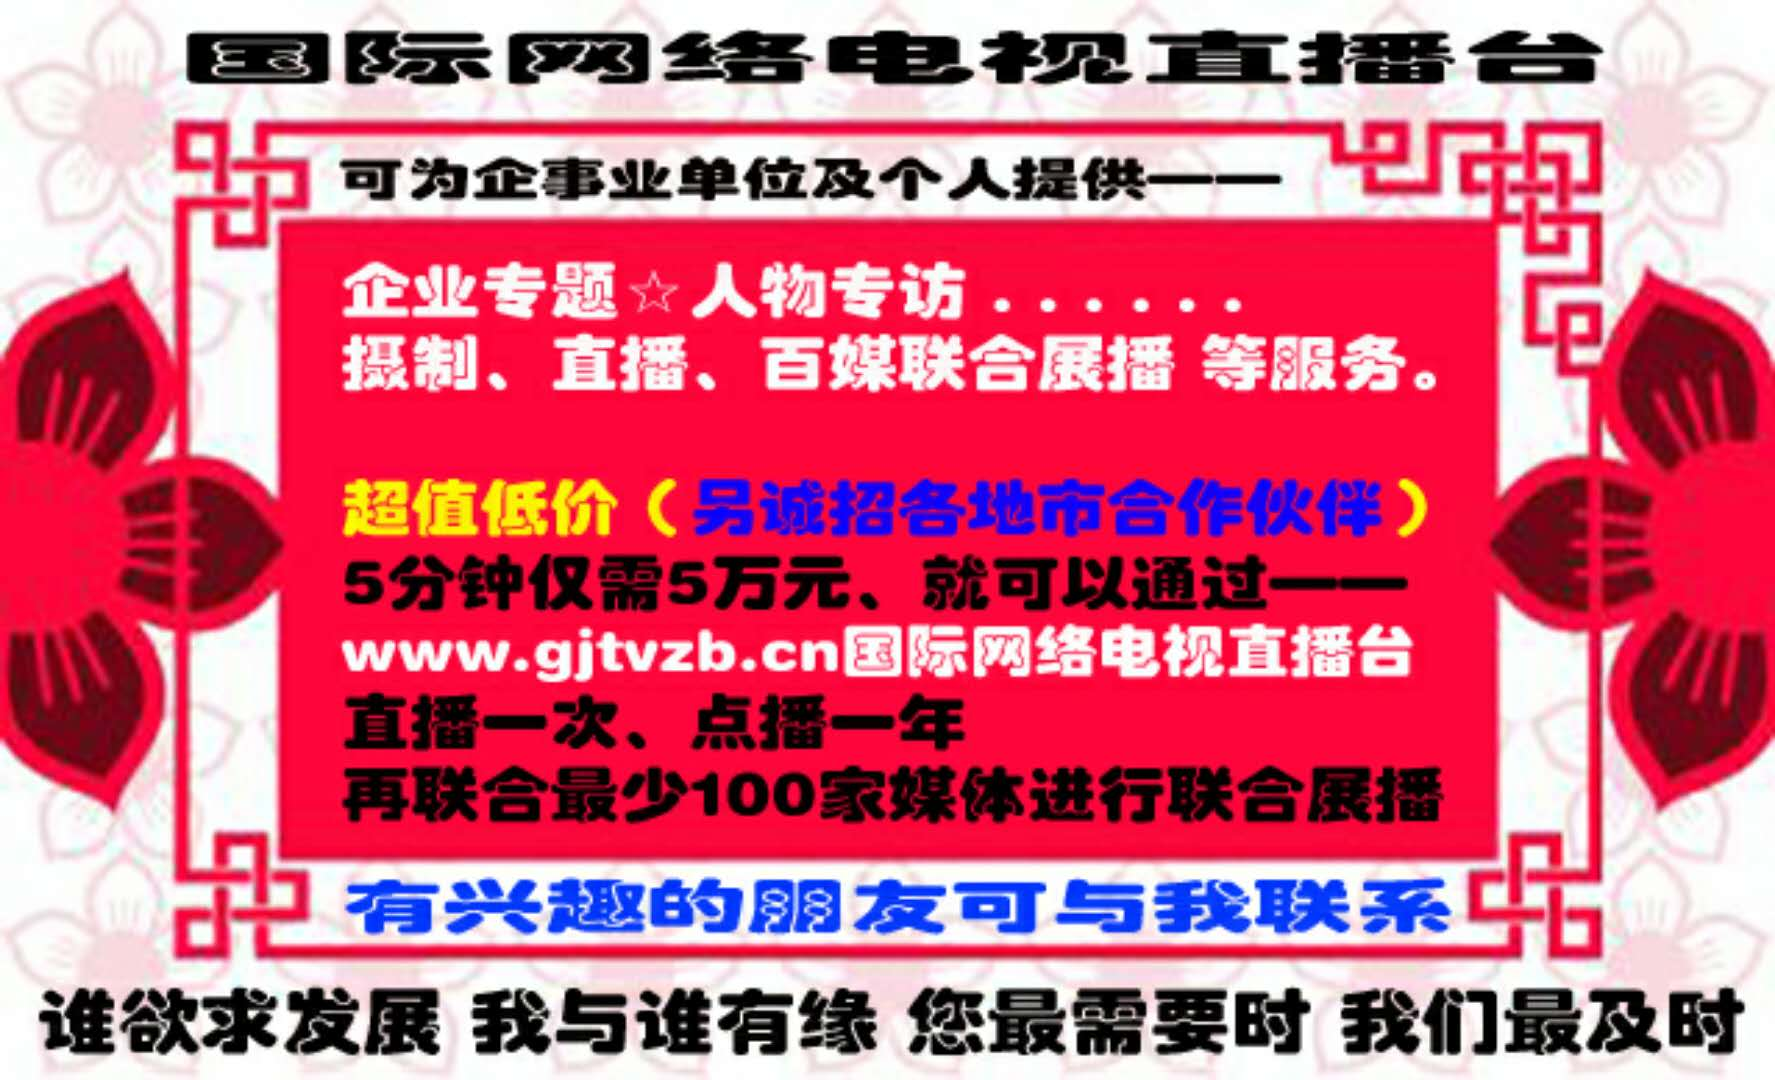 中媒旗下6大核心机构诚招各地市采编、主编、部长 负责人